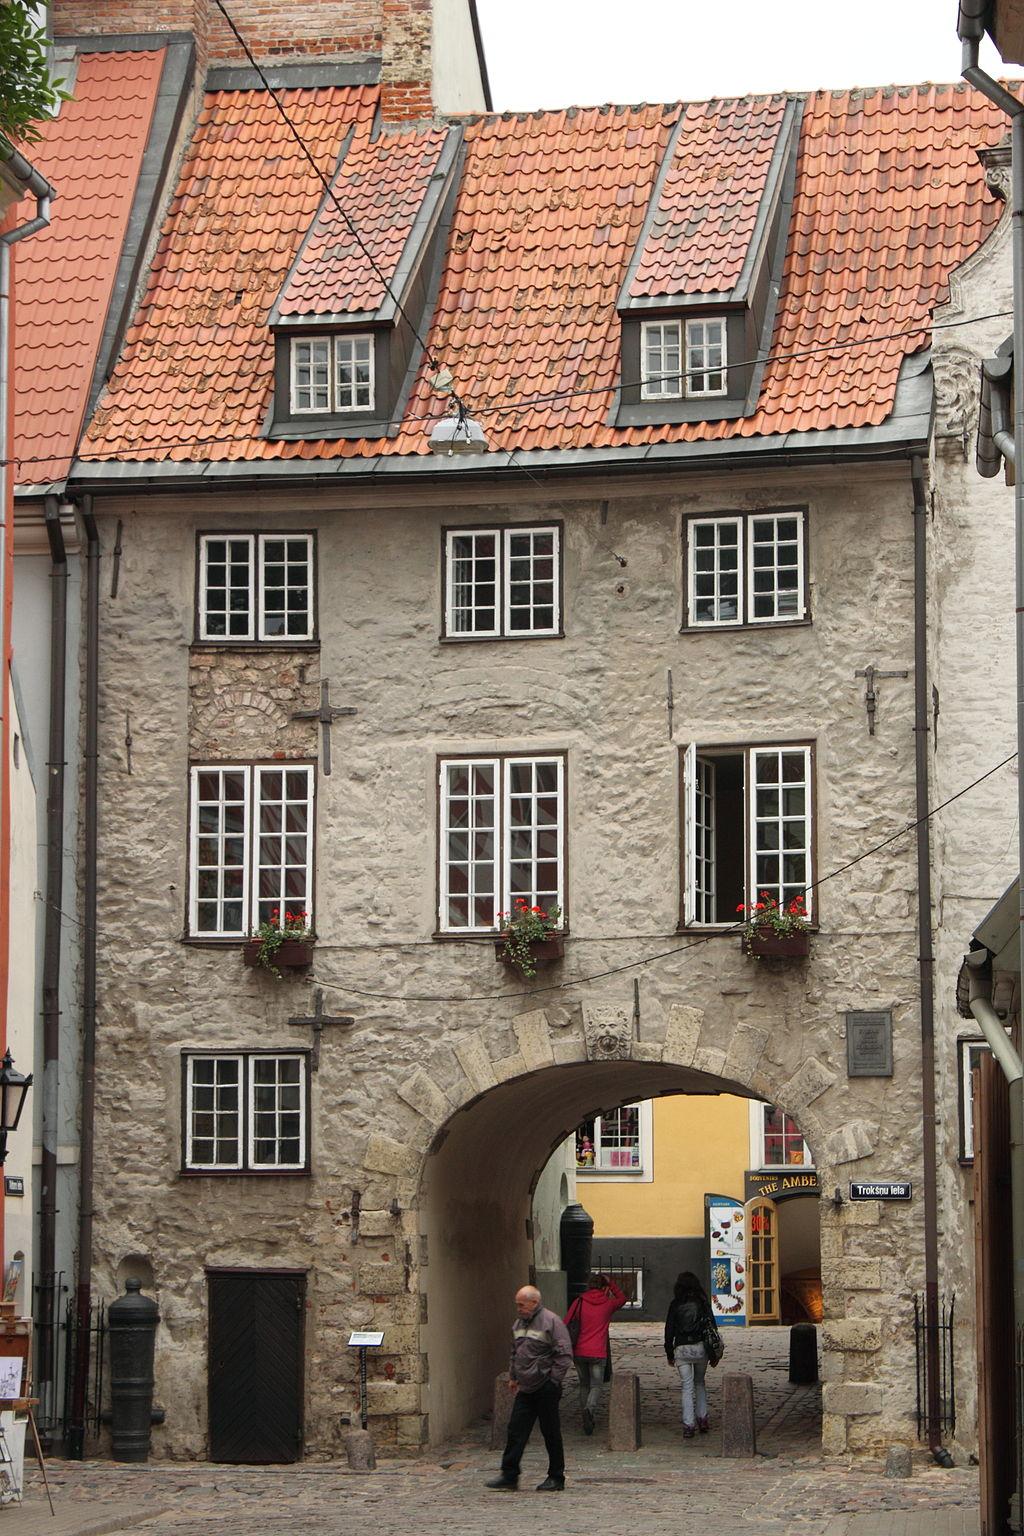 La casa attraversata dalla Porta svedese